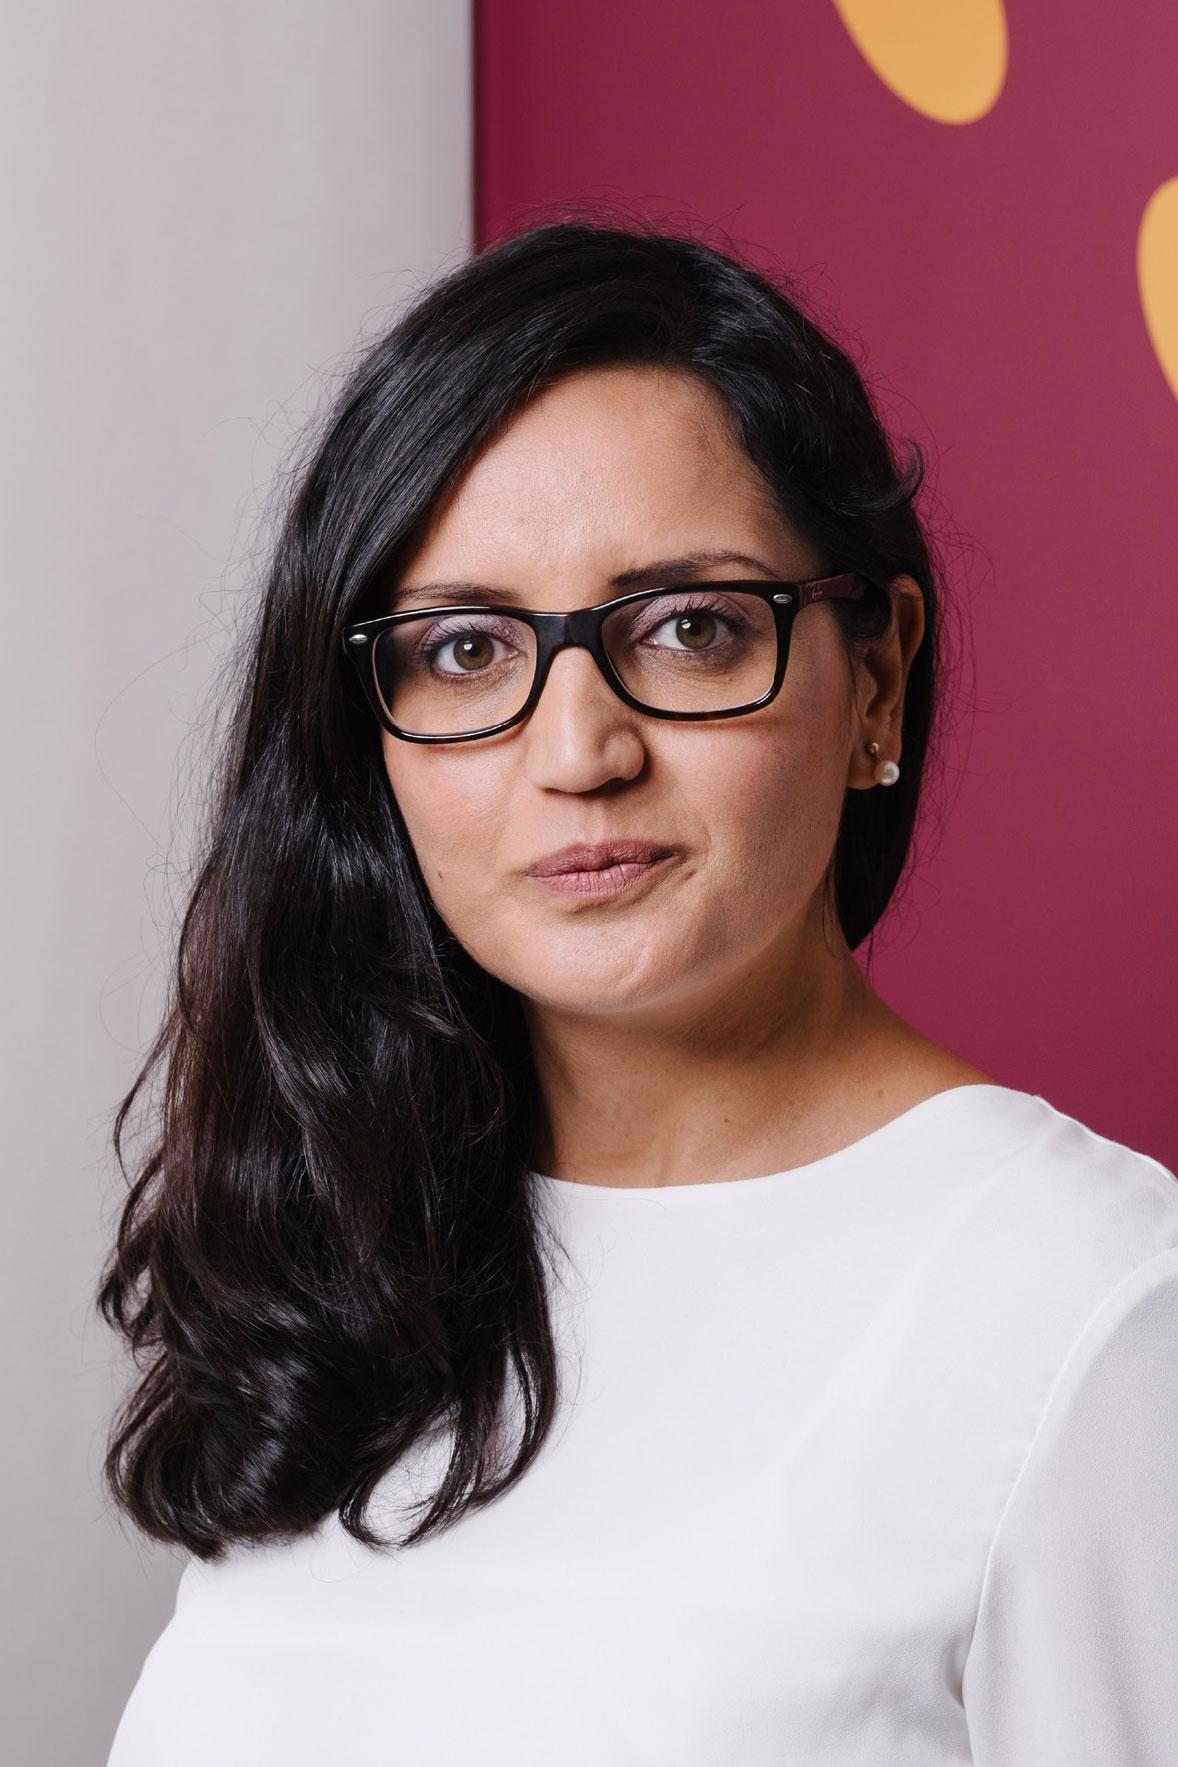 Dr. Marya Faqiryar